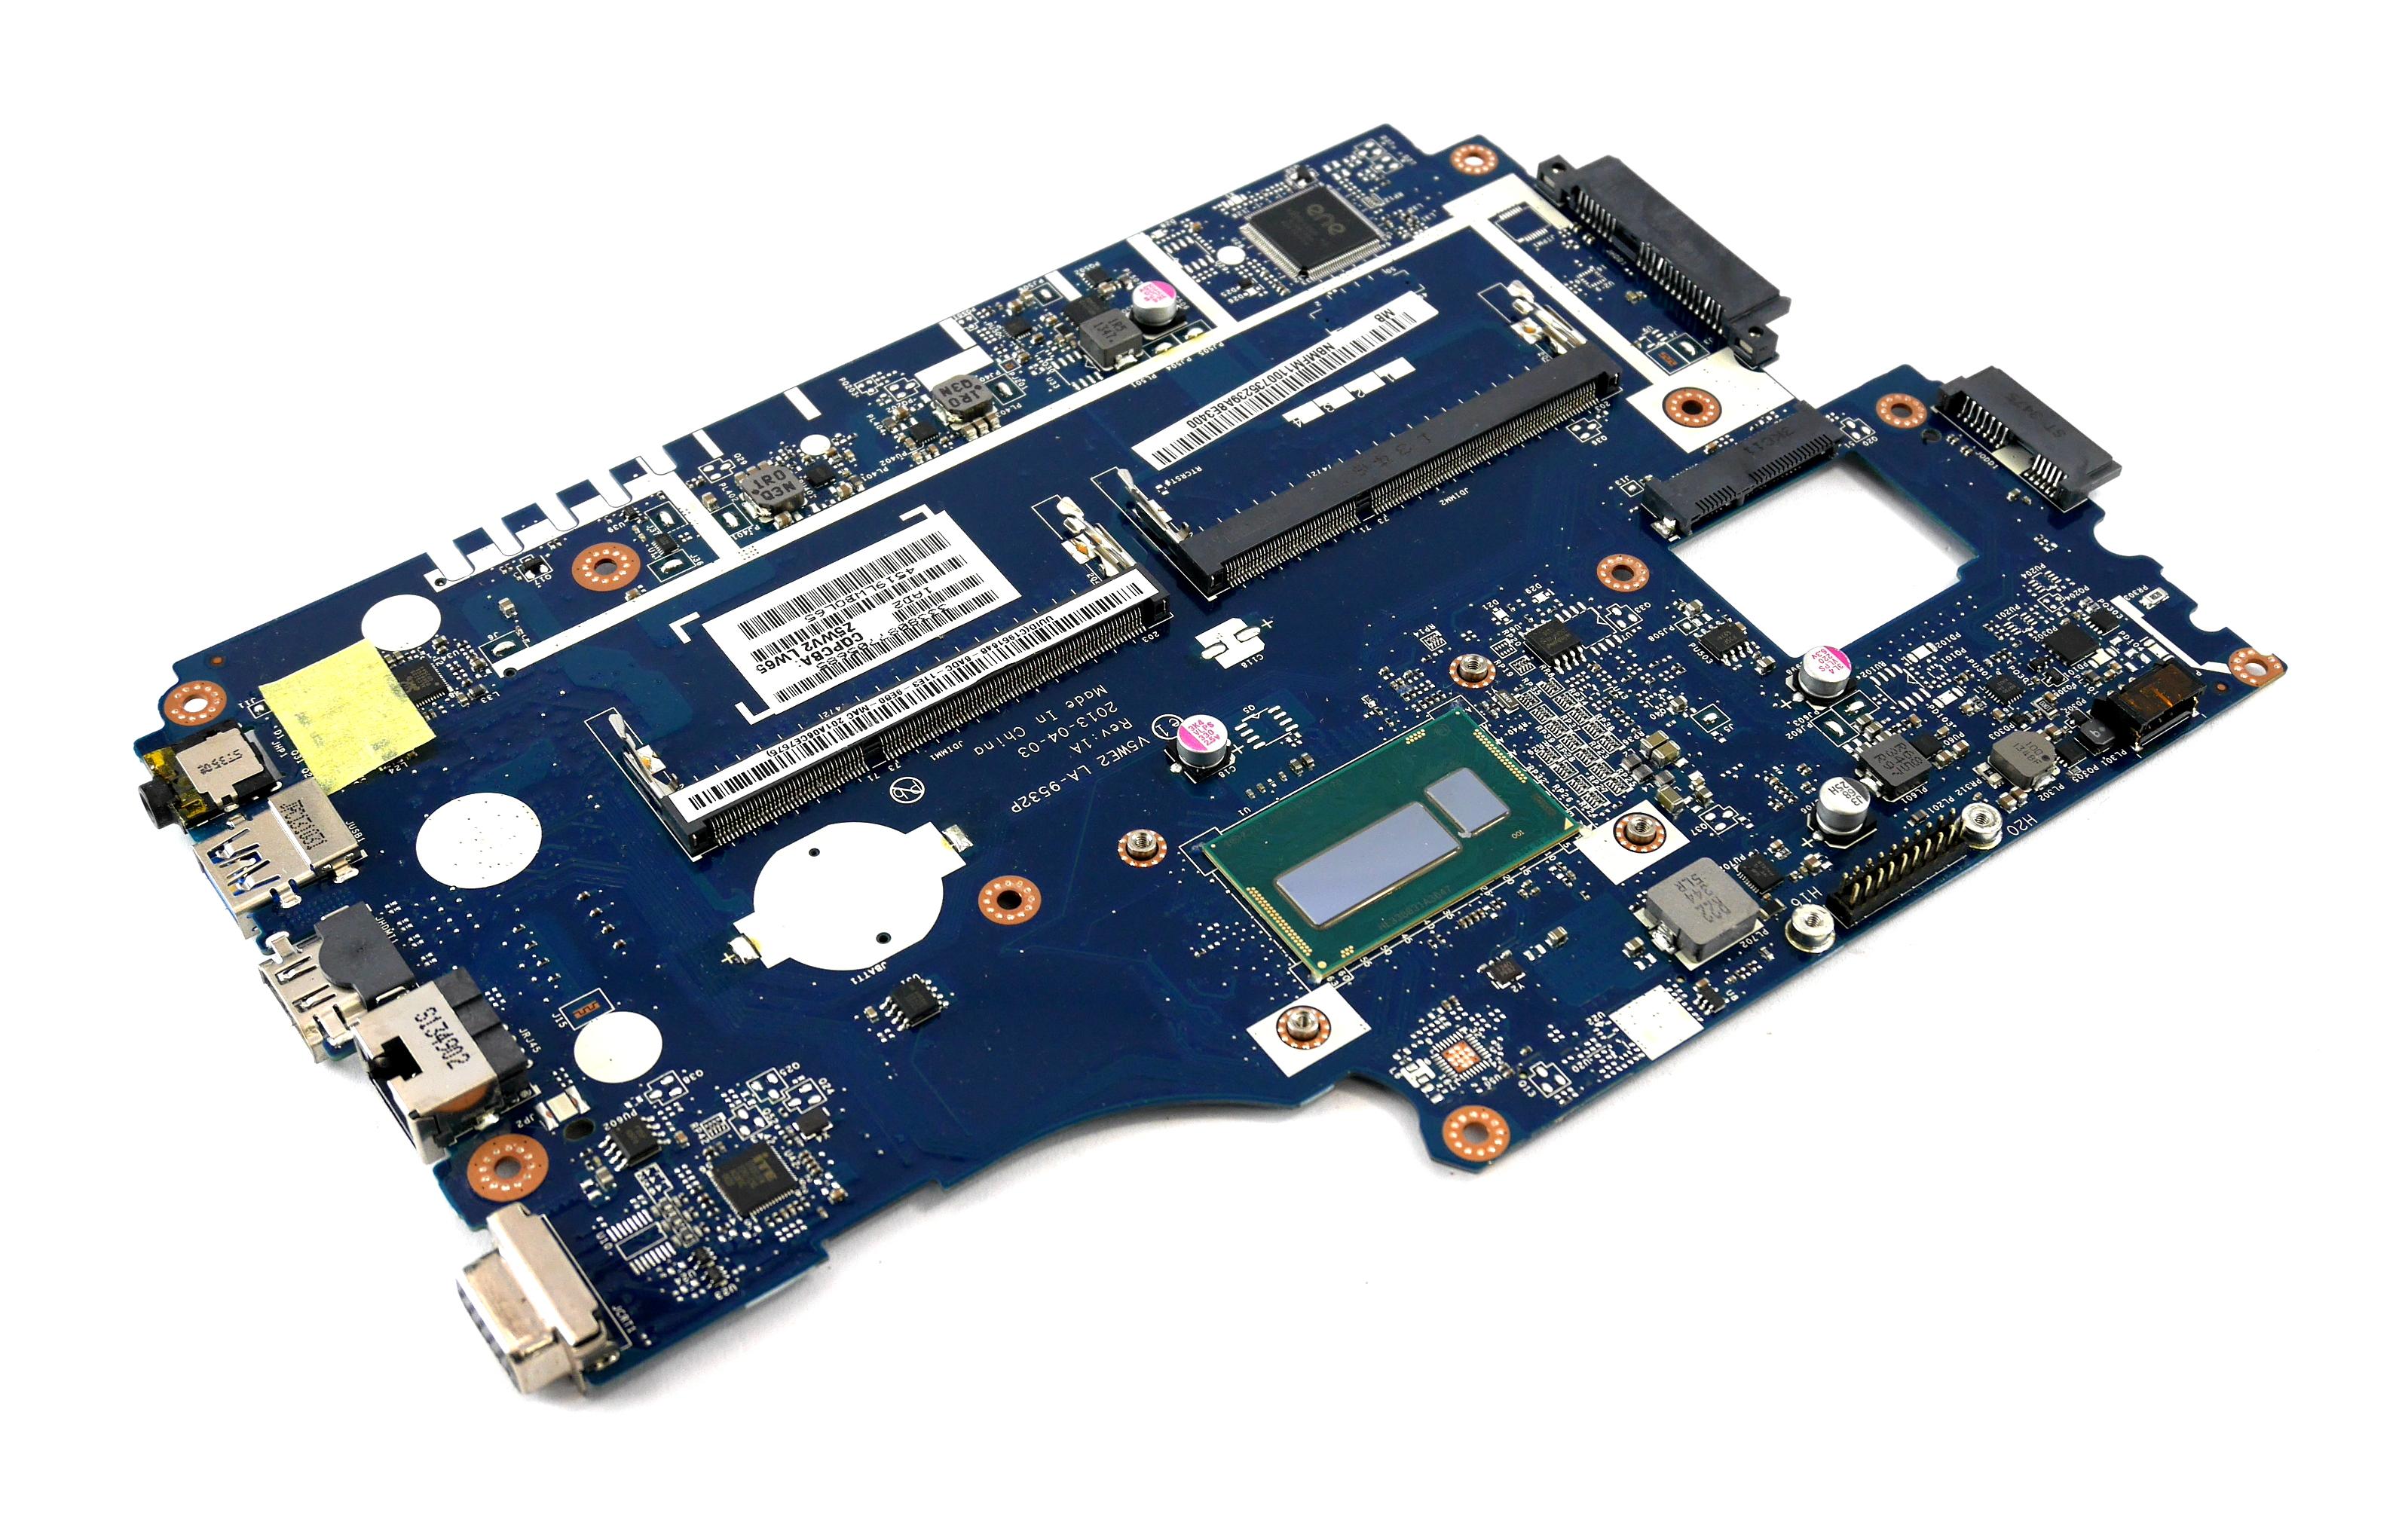 Acer NB.MFM11.007 Aspire E1-572P Motherboard with Intel Core i5-4200U CPU